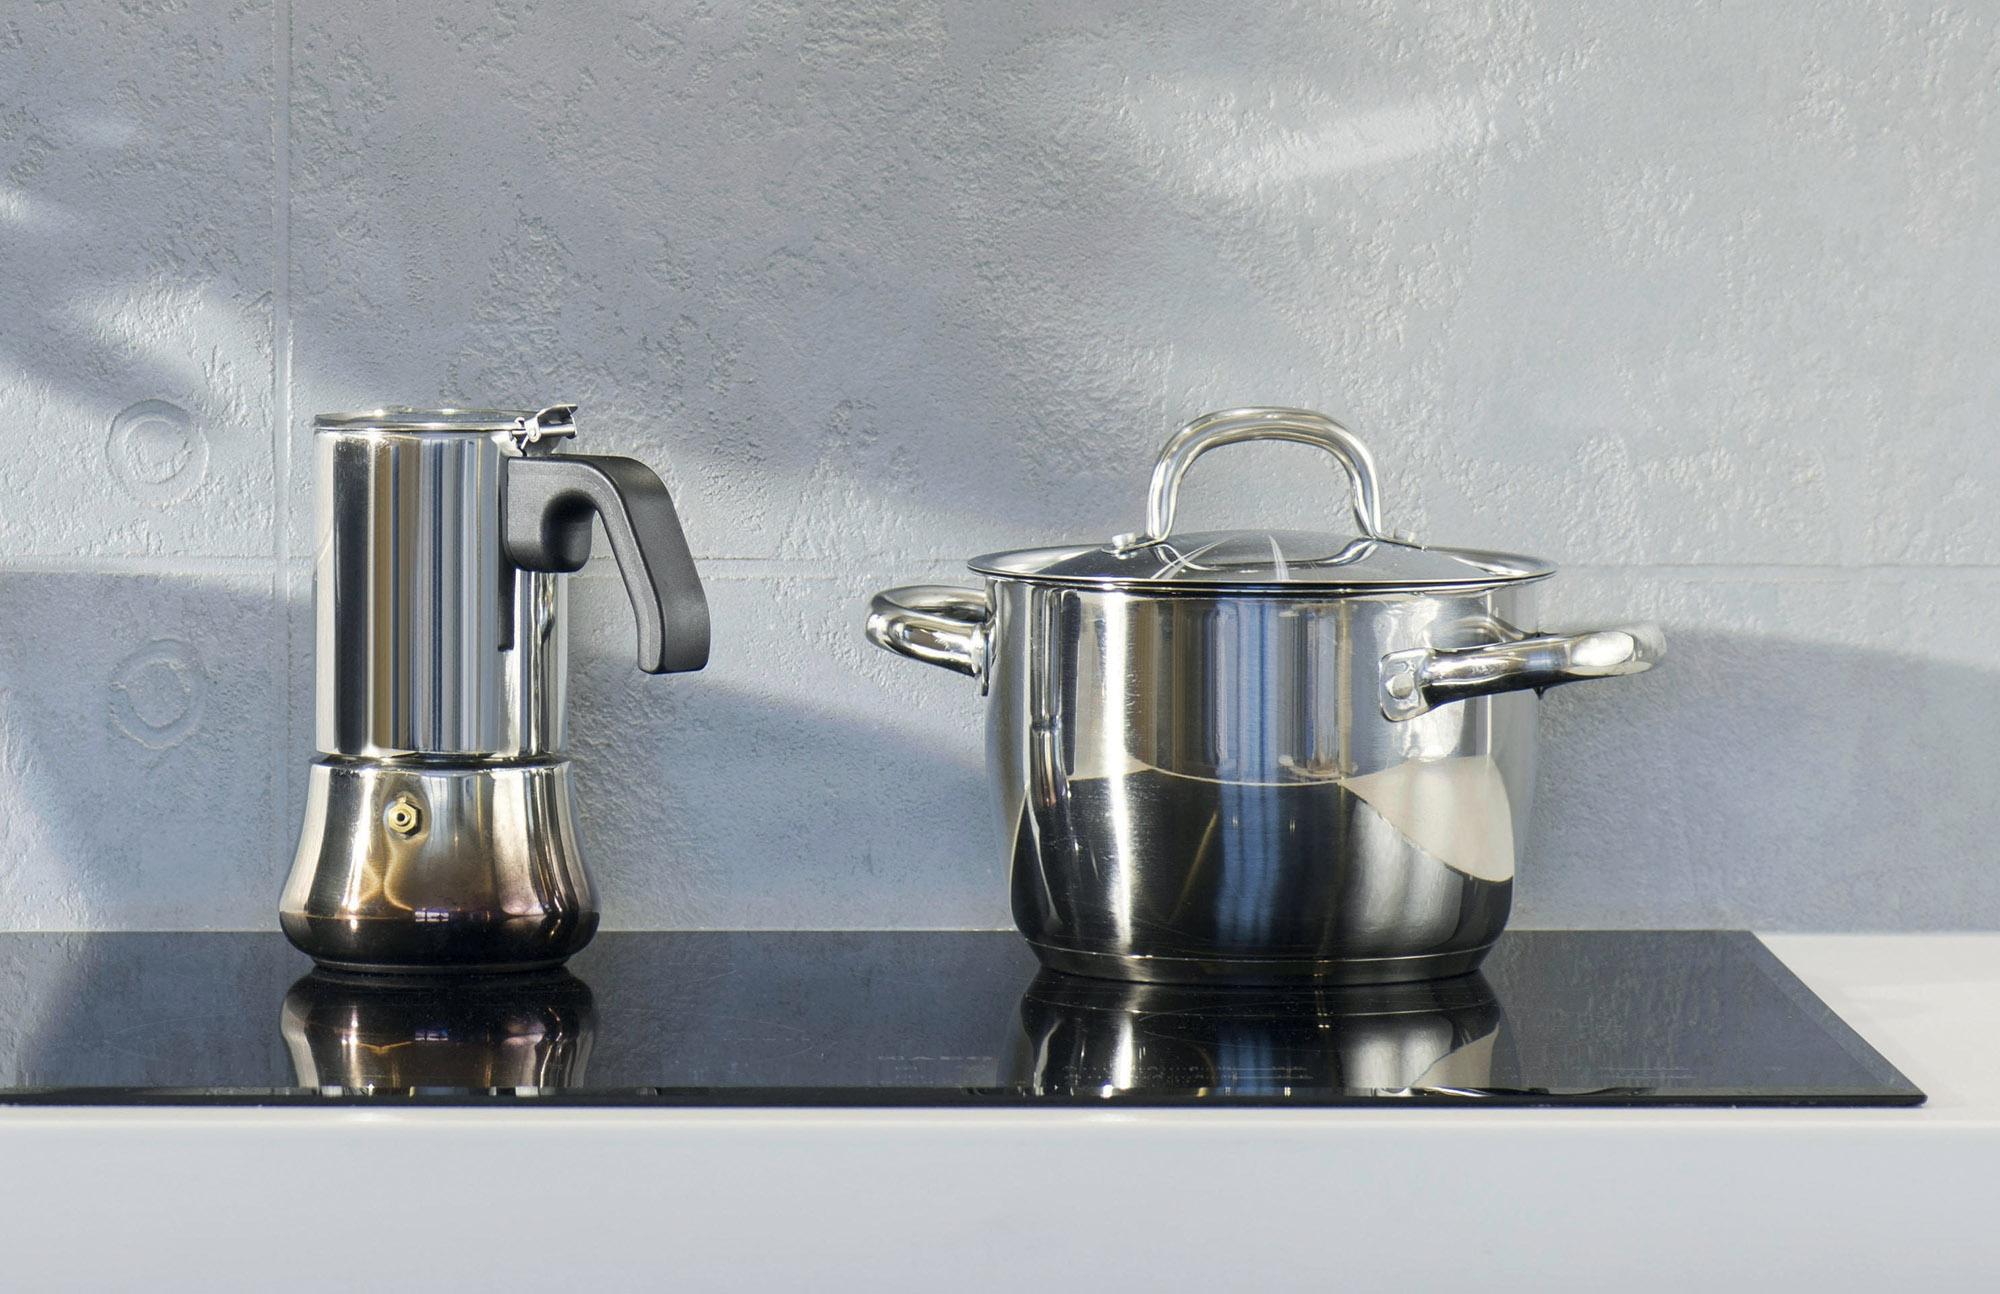 tiết kiệm các dụng cụ nhà bếp